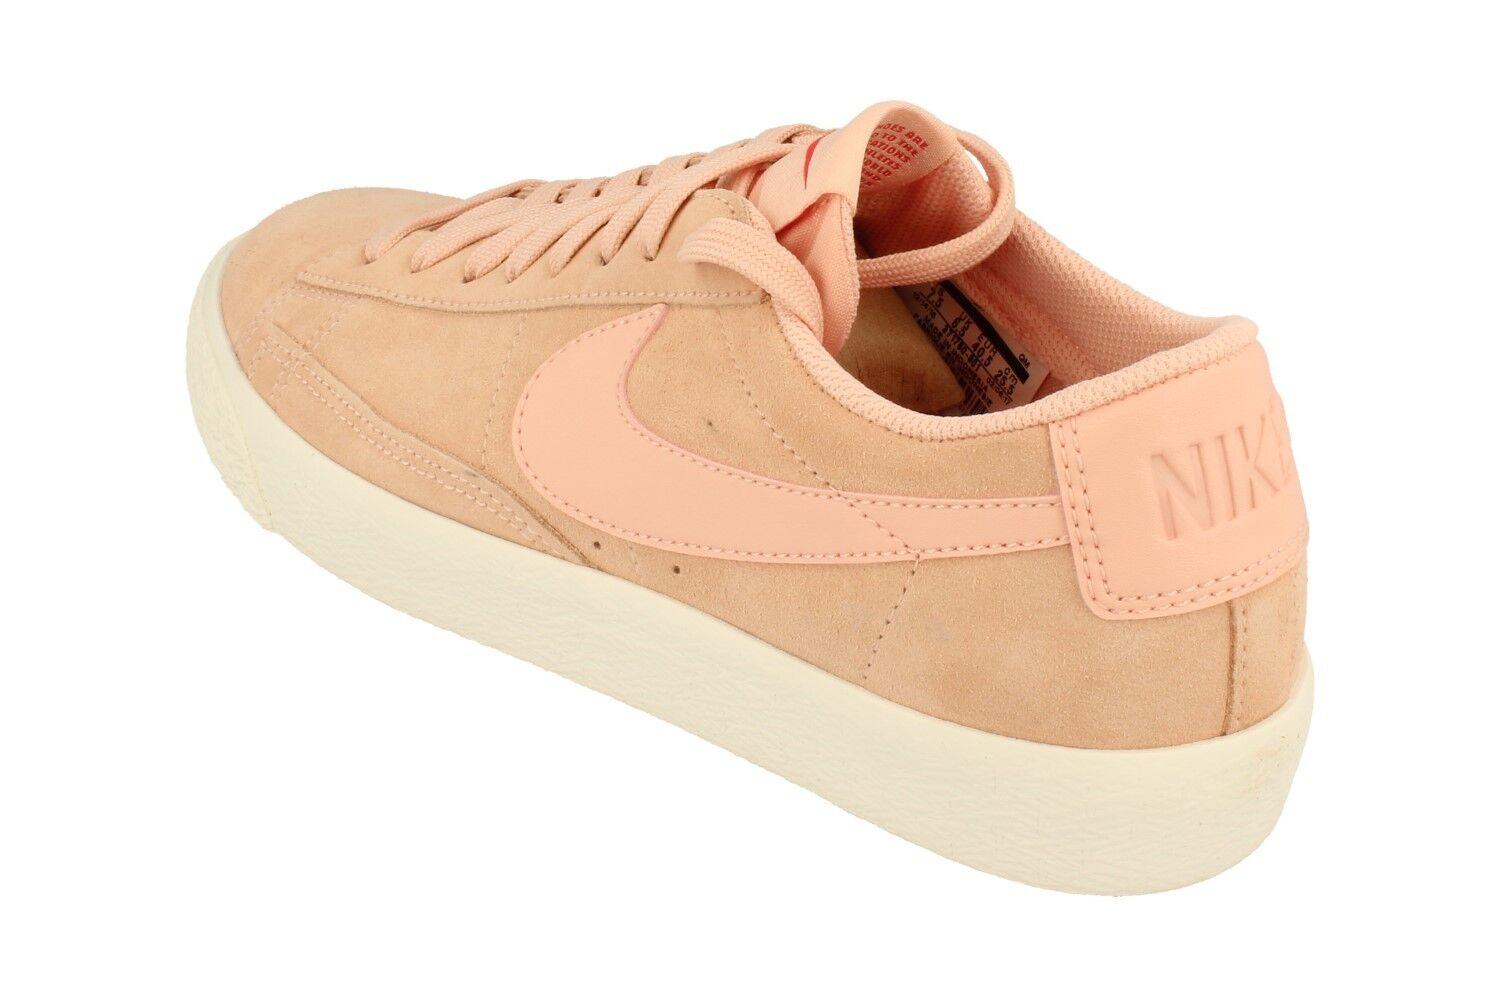 Nike Blazer Bas Baskets Hommes 371760 371760 371760 Baskets 801 b2a8c0